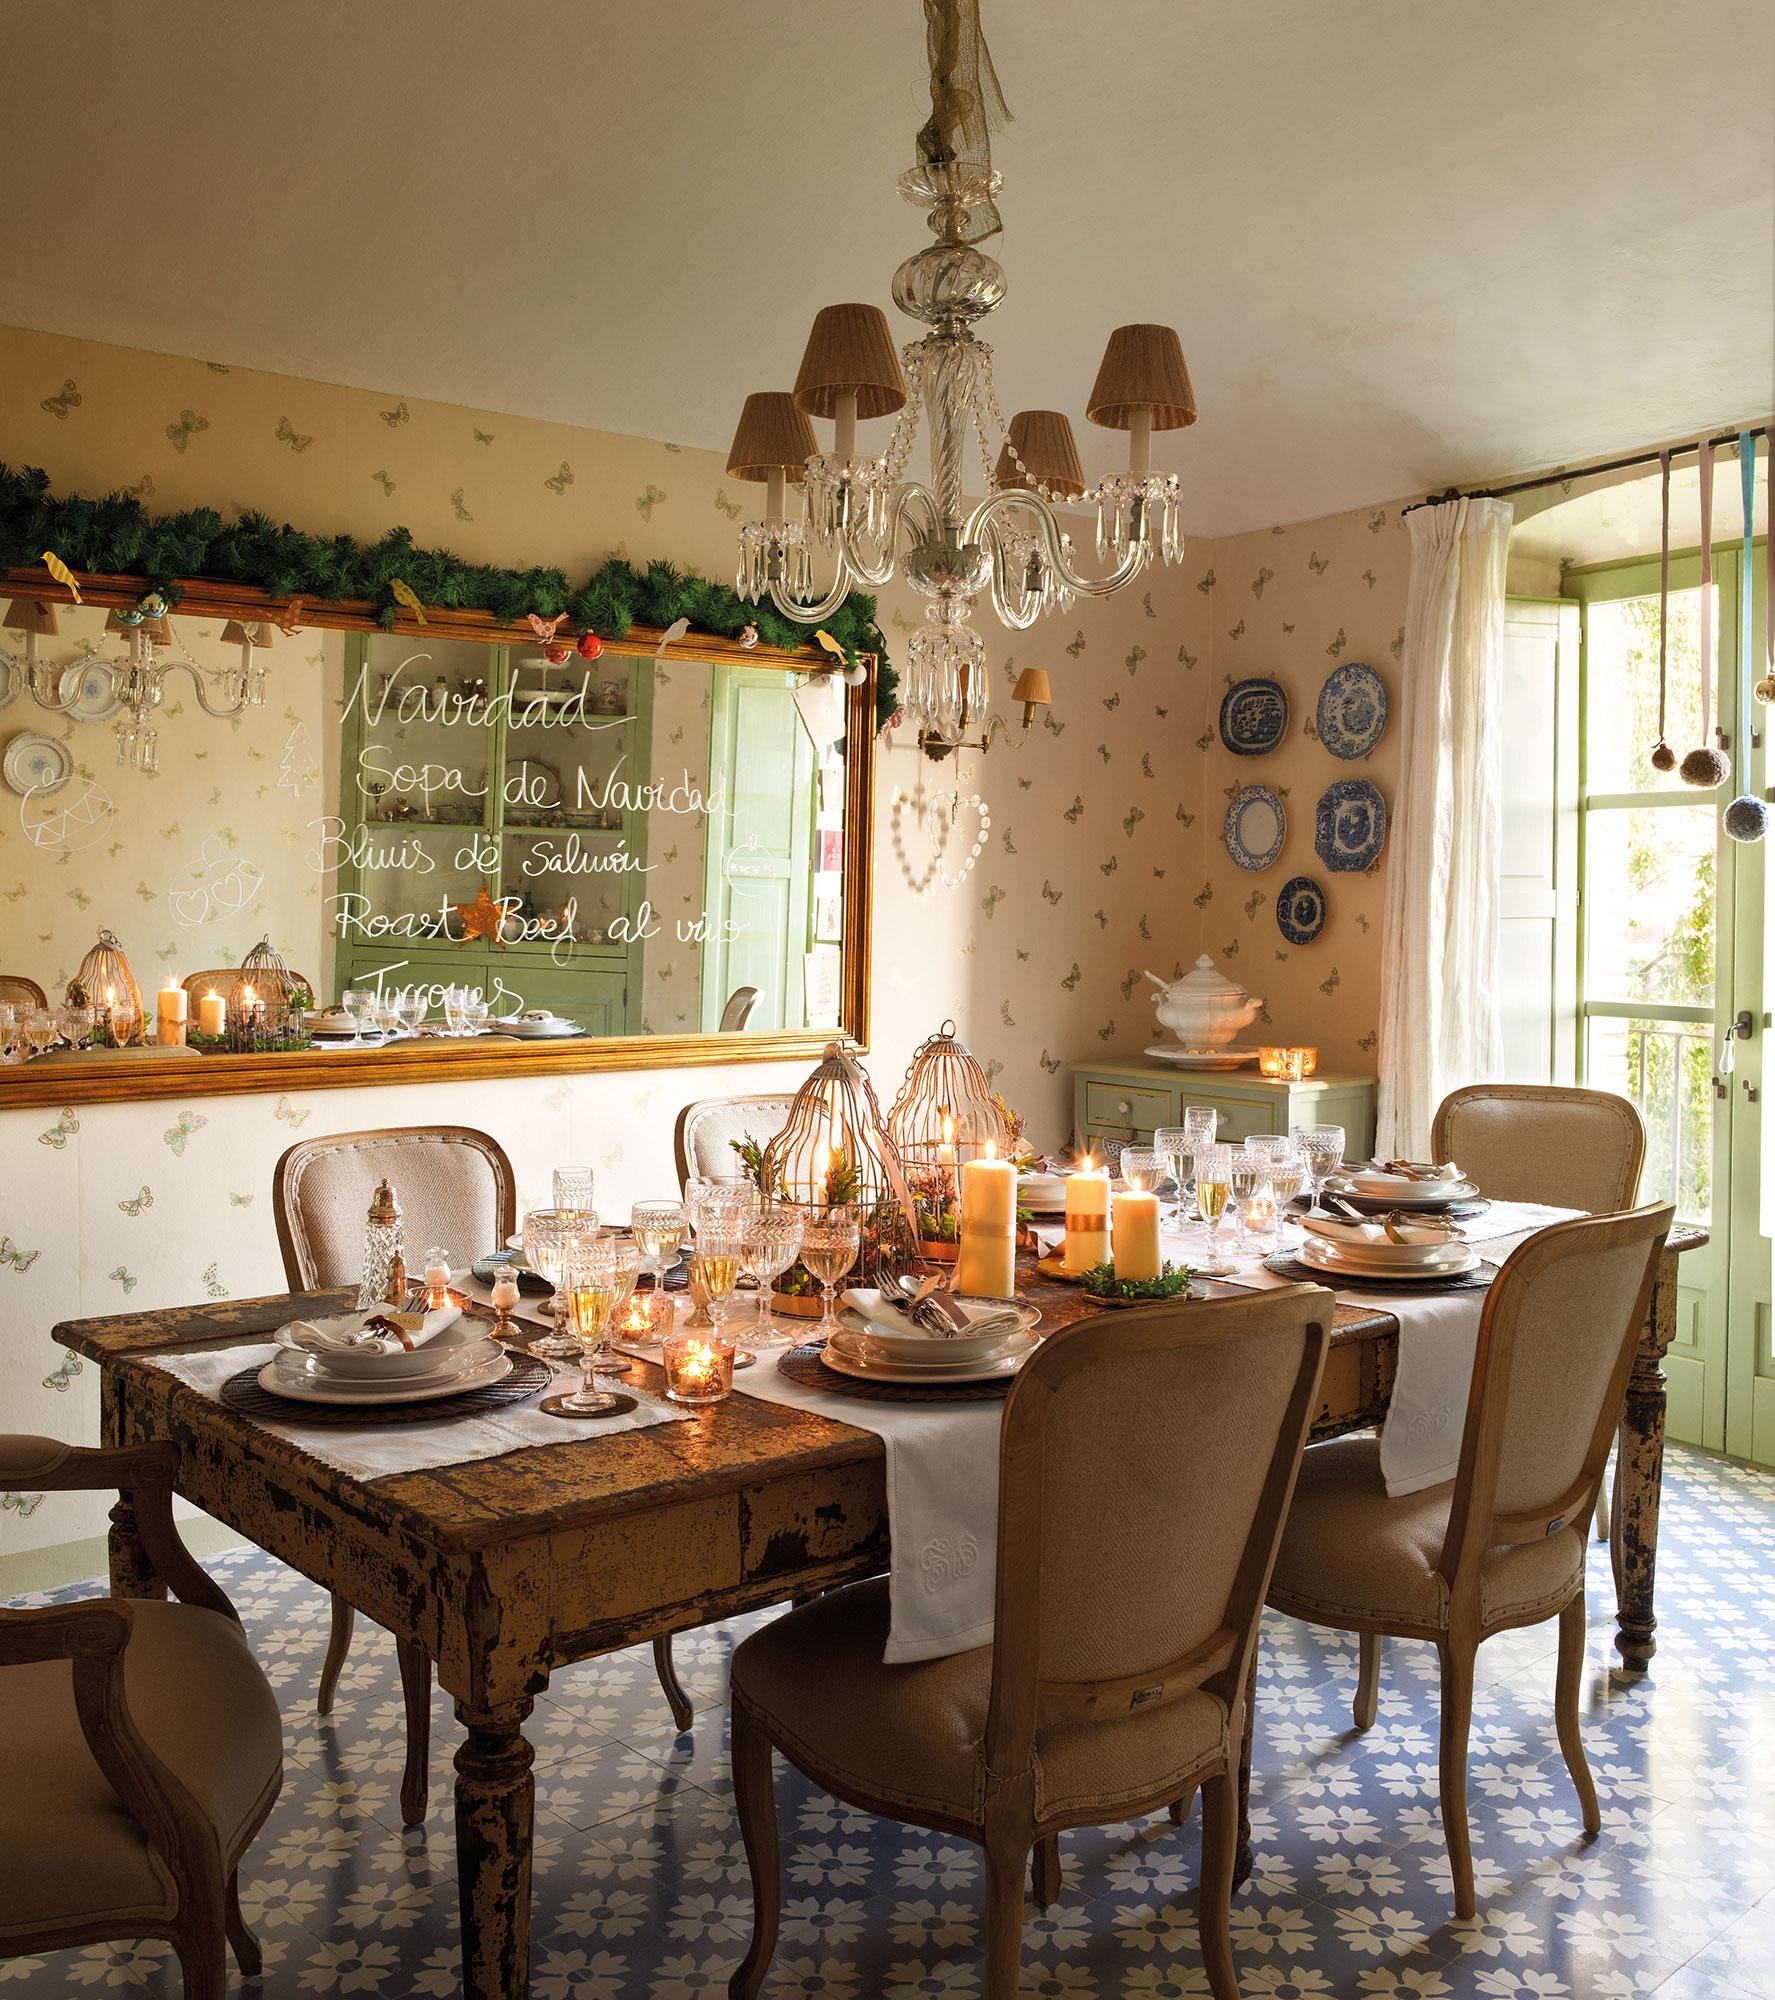 15 propuestas para decorar la mesa de fiesta - Decoracion comedor rustico ...